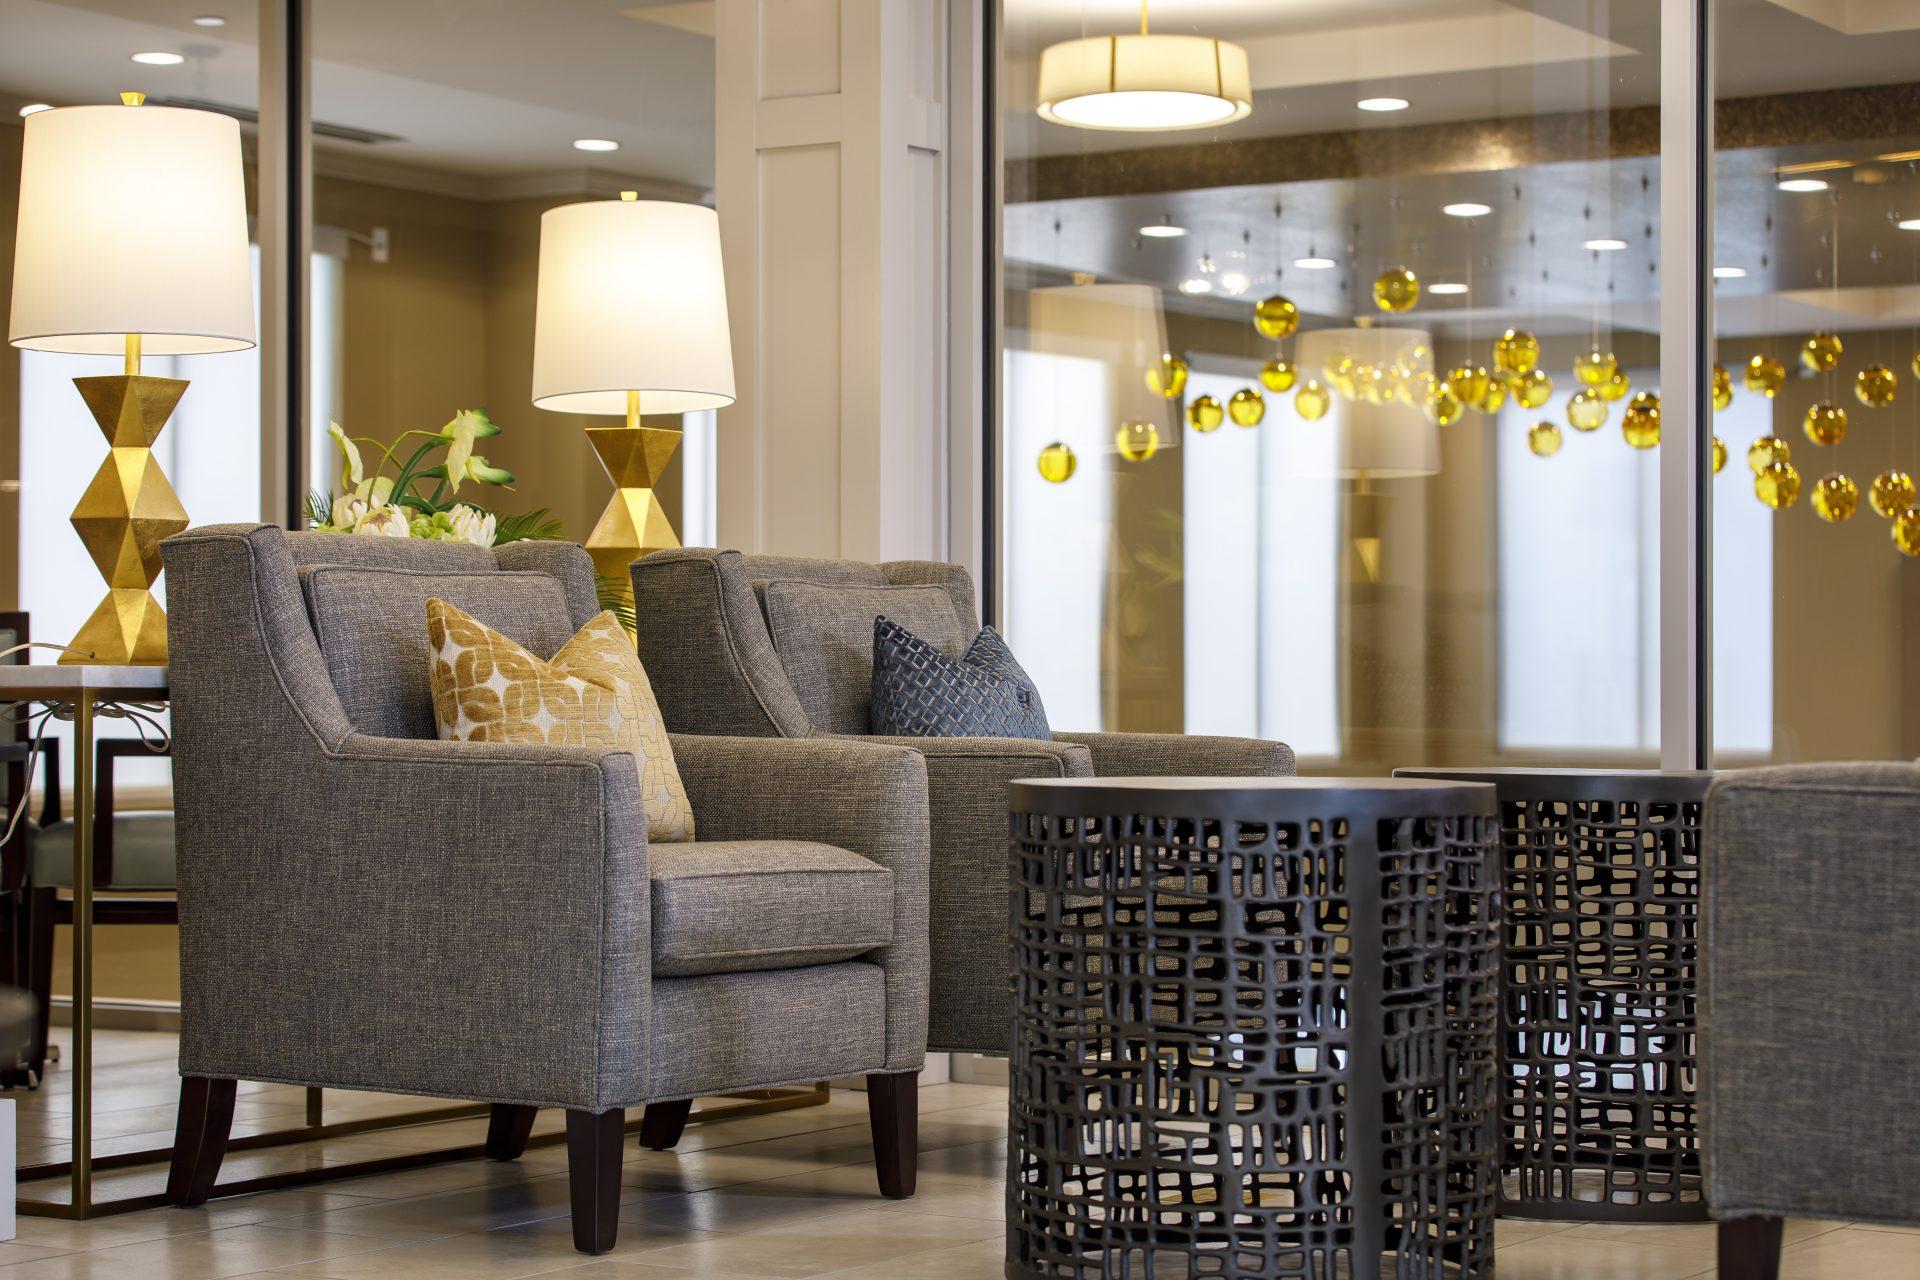 Avenue 81 Senior Living Grand Foyer